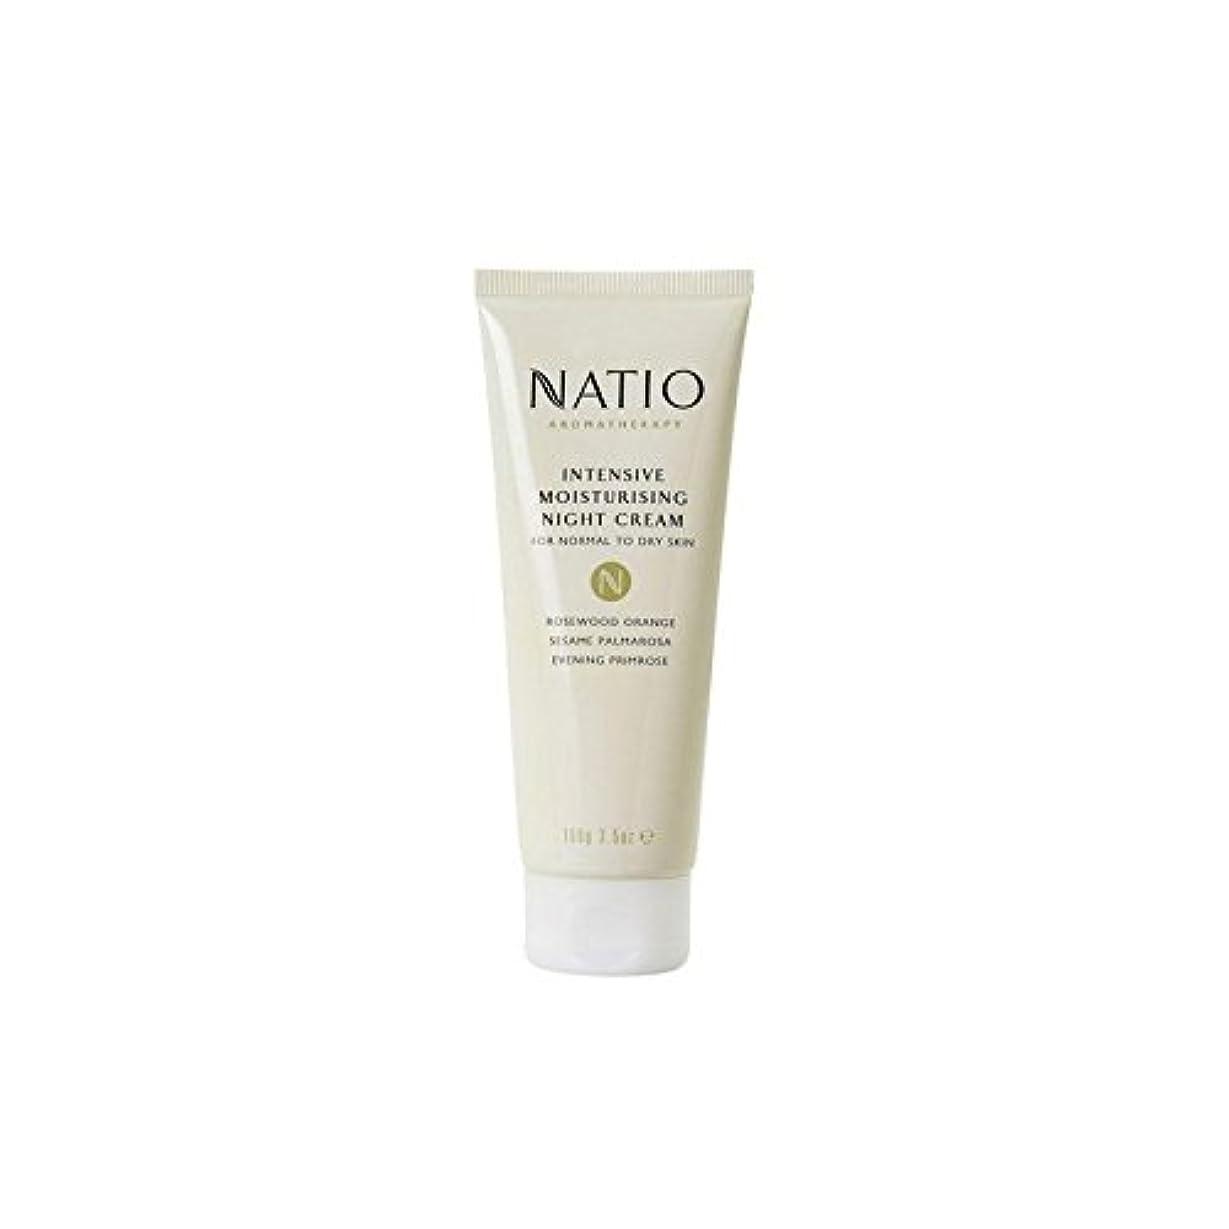 ずるい明らか真空Natio Intensive Moisturising Night Cream (100G) (Pack of 6) - 集中的な保湿ナイトクリーム(100グラム) x6 [並行輸入品]